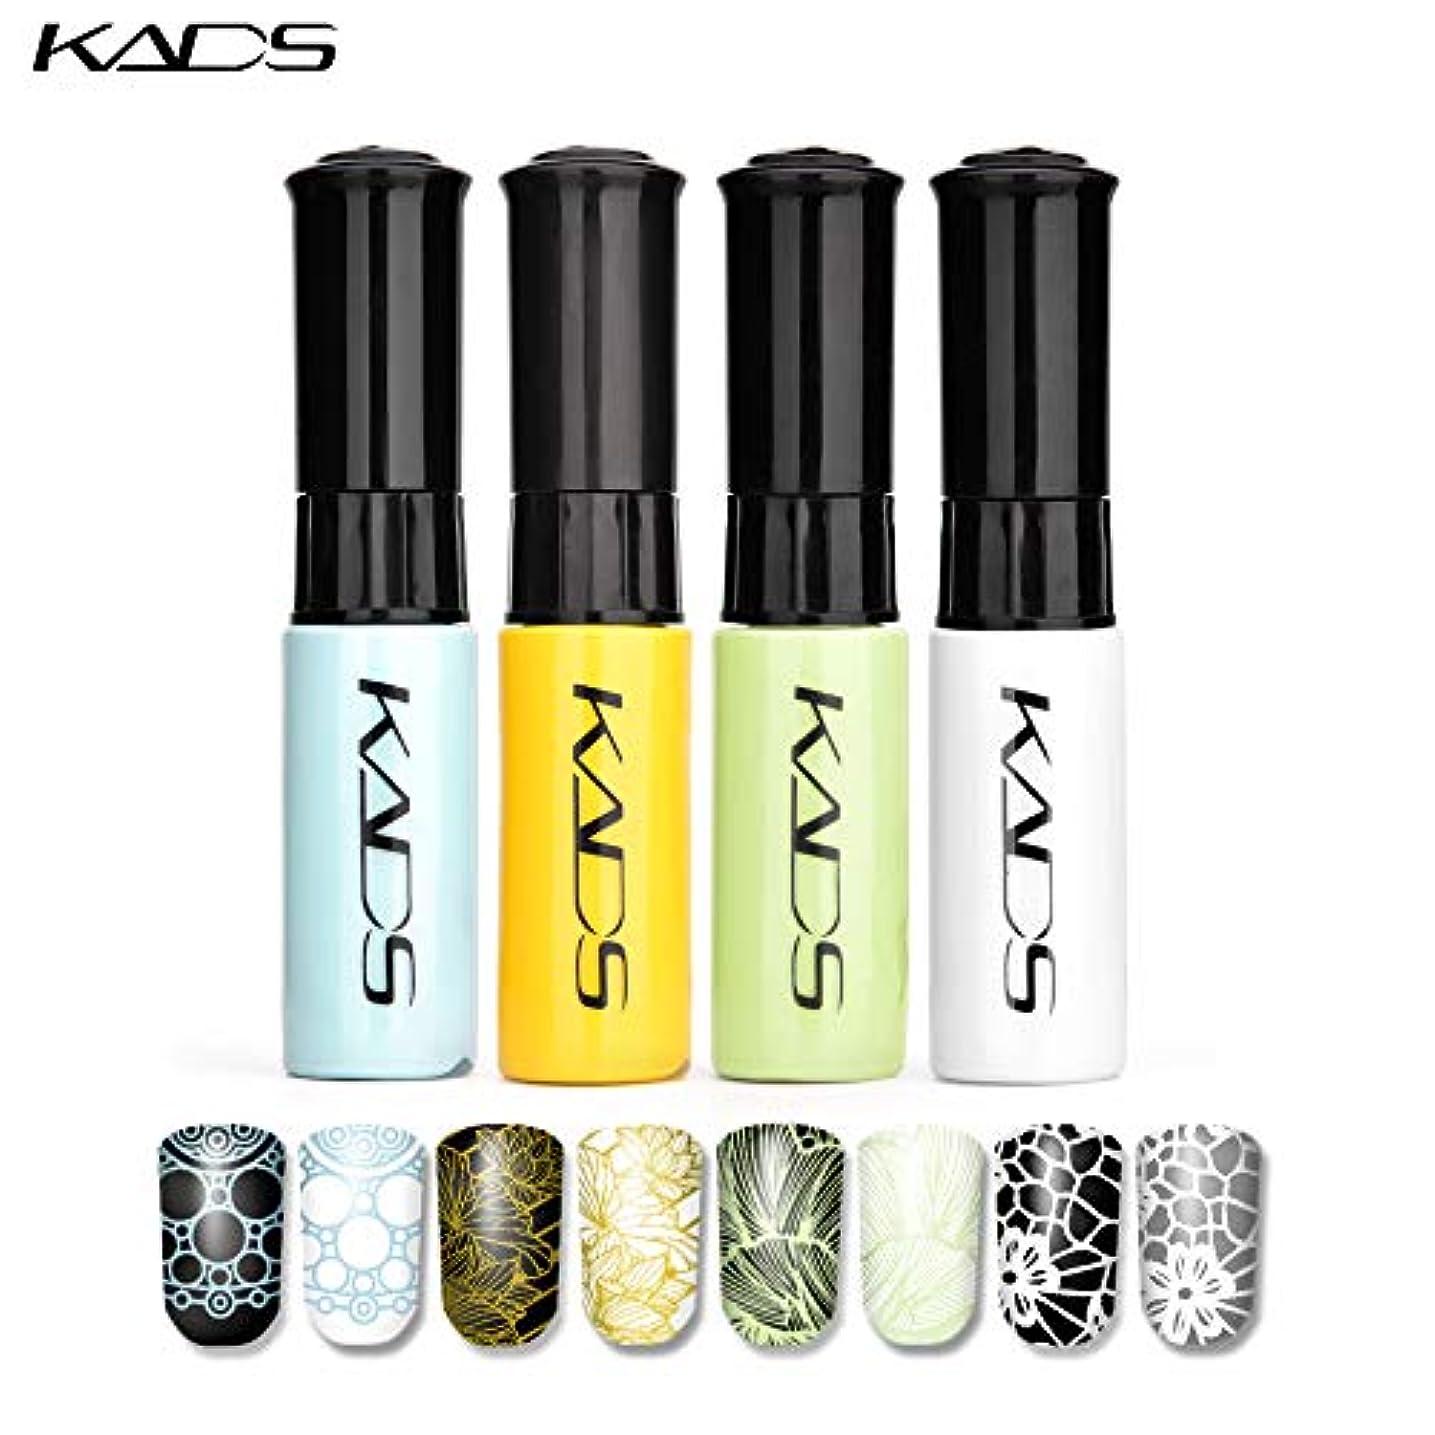 KADS スタンピングネイルポリッシュ 4ボトルセット スタンプネイルカラー マニキュアポリッシュ ネイルアート用品 (セット4)